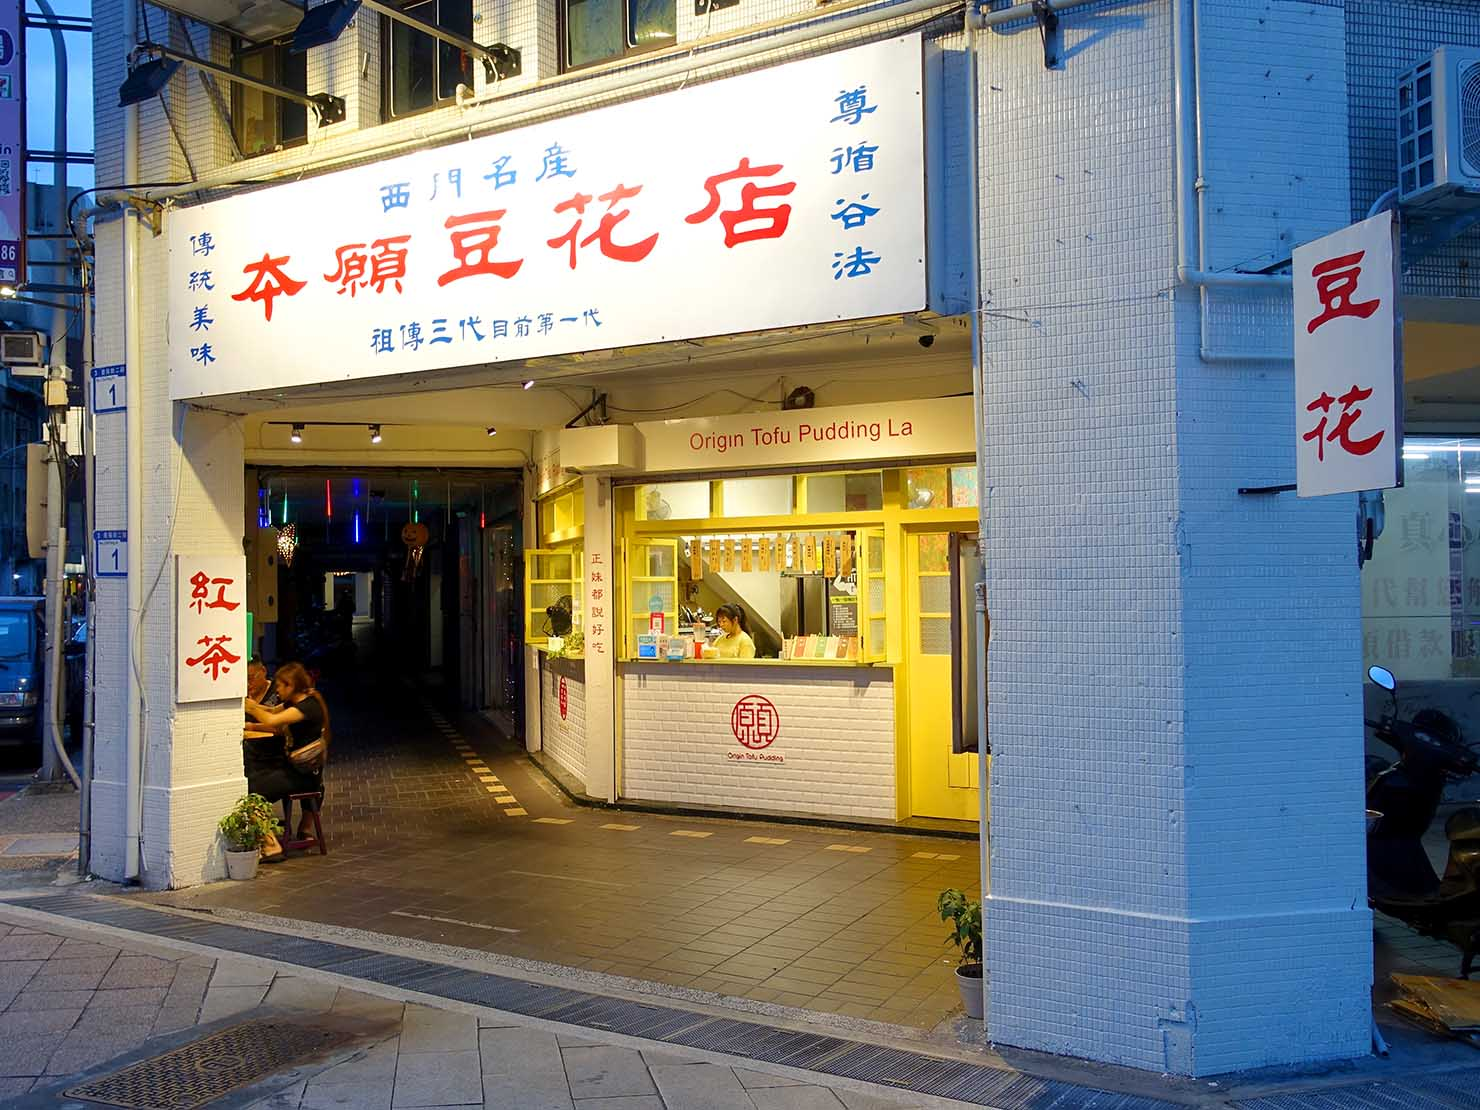 台北・西門町のおすすめデザート店「本願豆花店」の外観